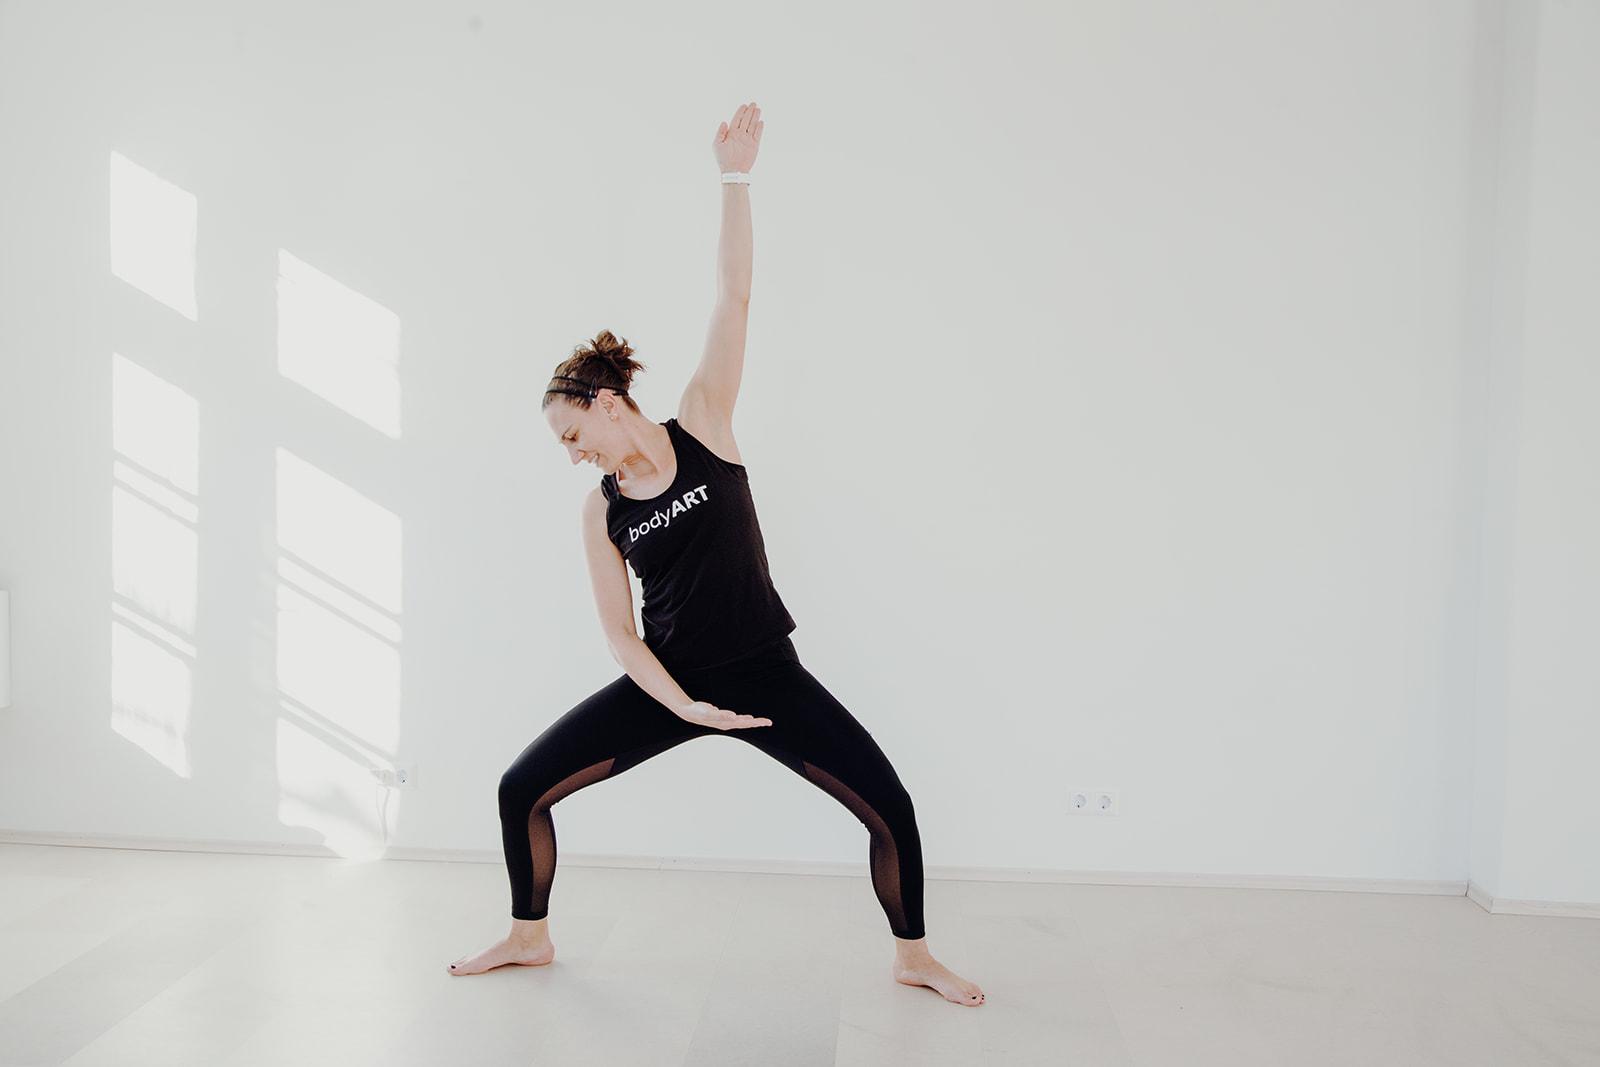 Trainerin Kerstin zeigt beim Bodyart Fitnesstraining die richtigen Moves vor